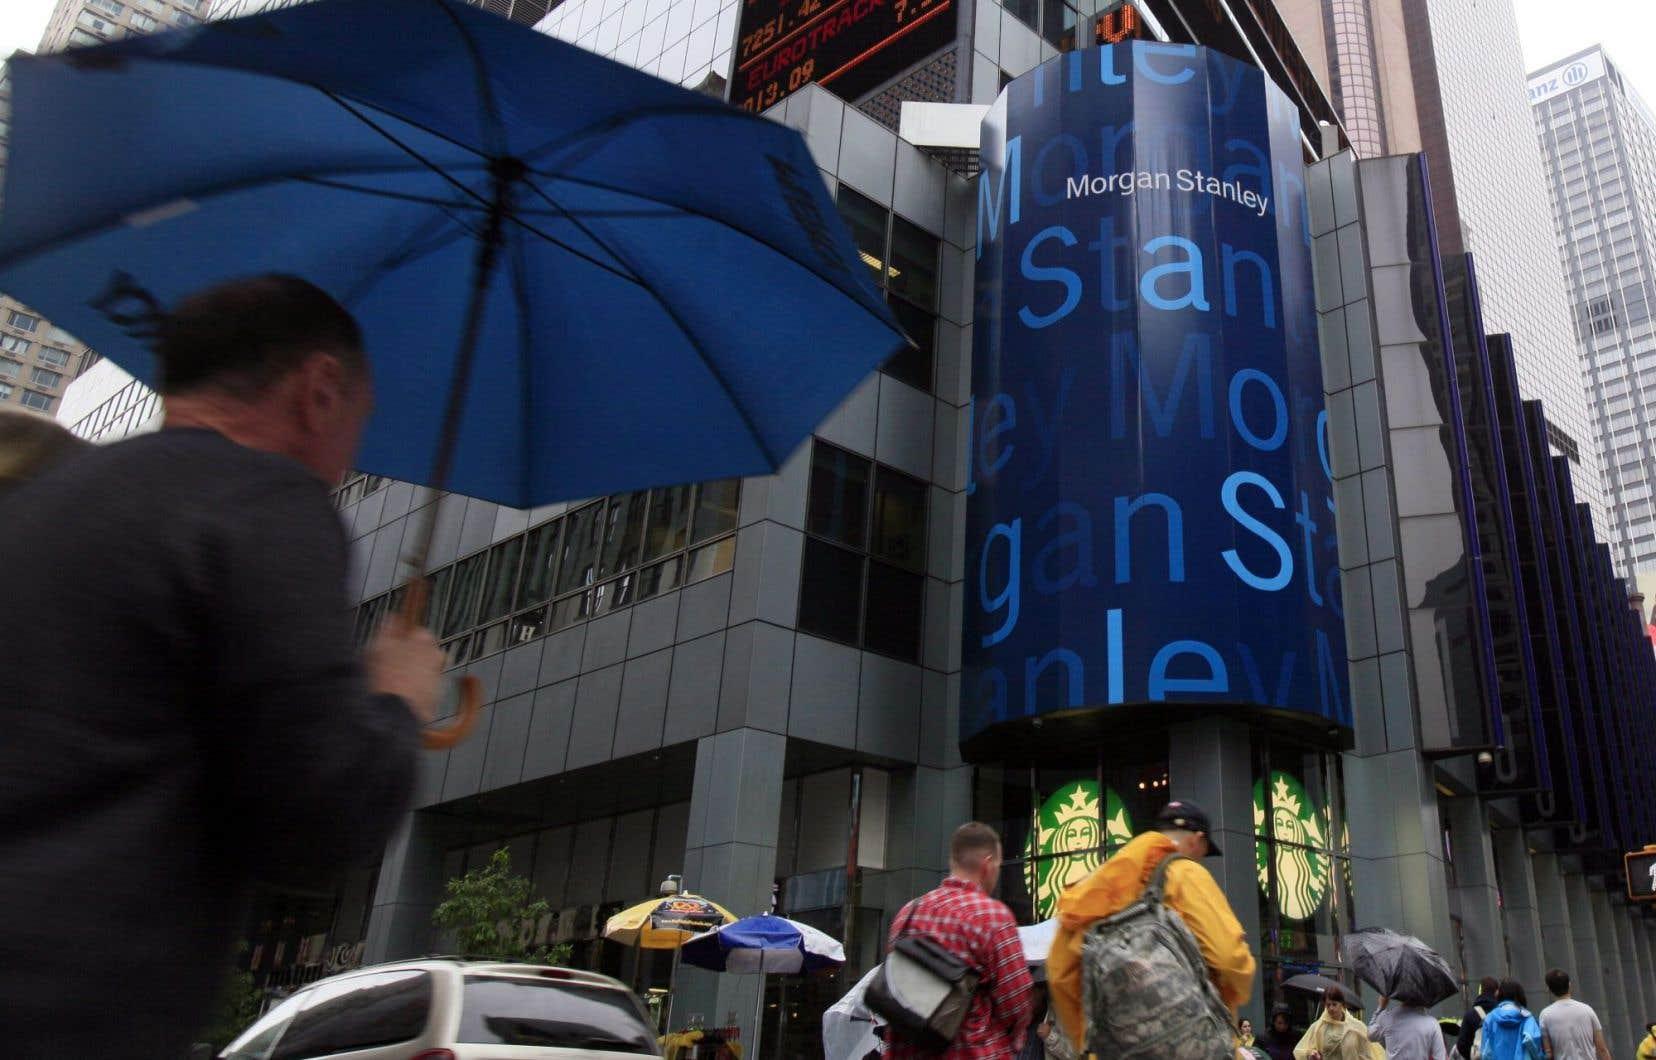 Le déménagement de Morgan Stanley est temporaire, car la banque n'est pas insensible à des arguments avancés par d'autres villes, notamment la France avec ses mesures proentreprises.